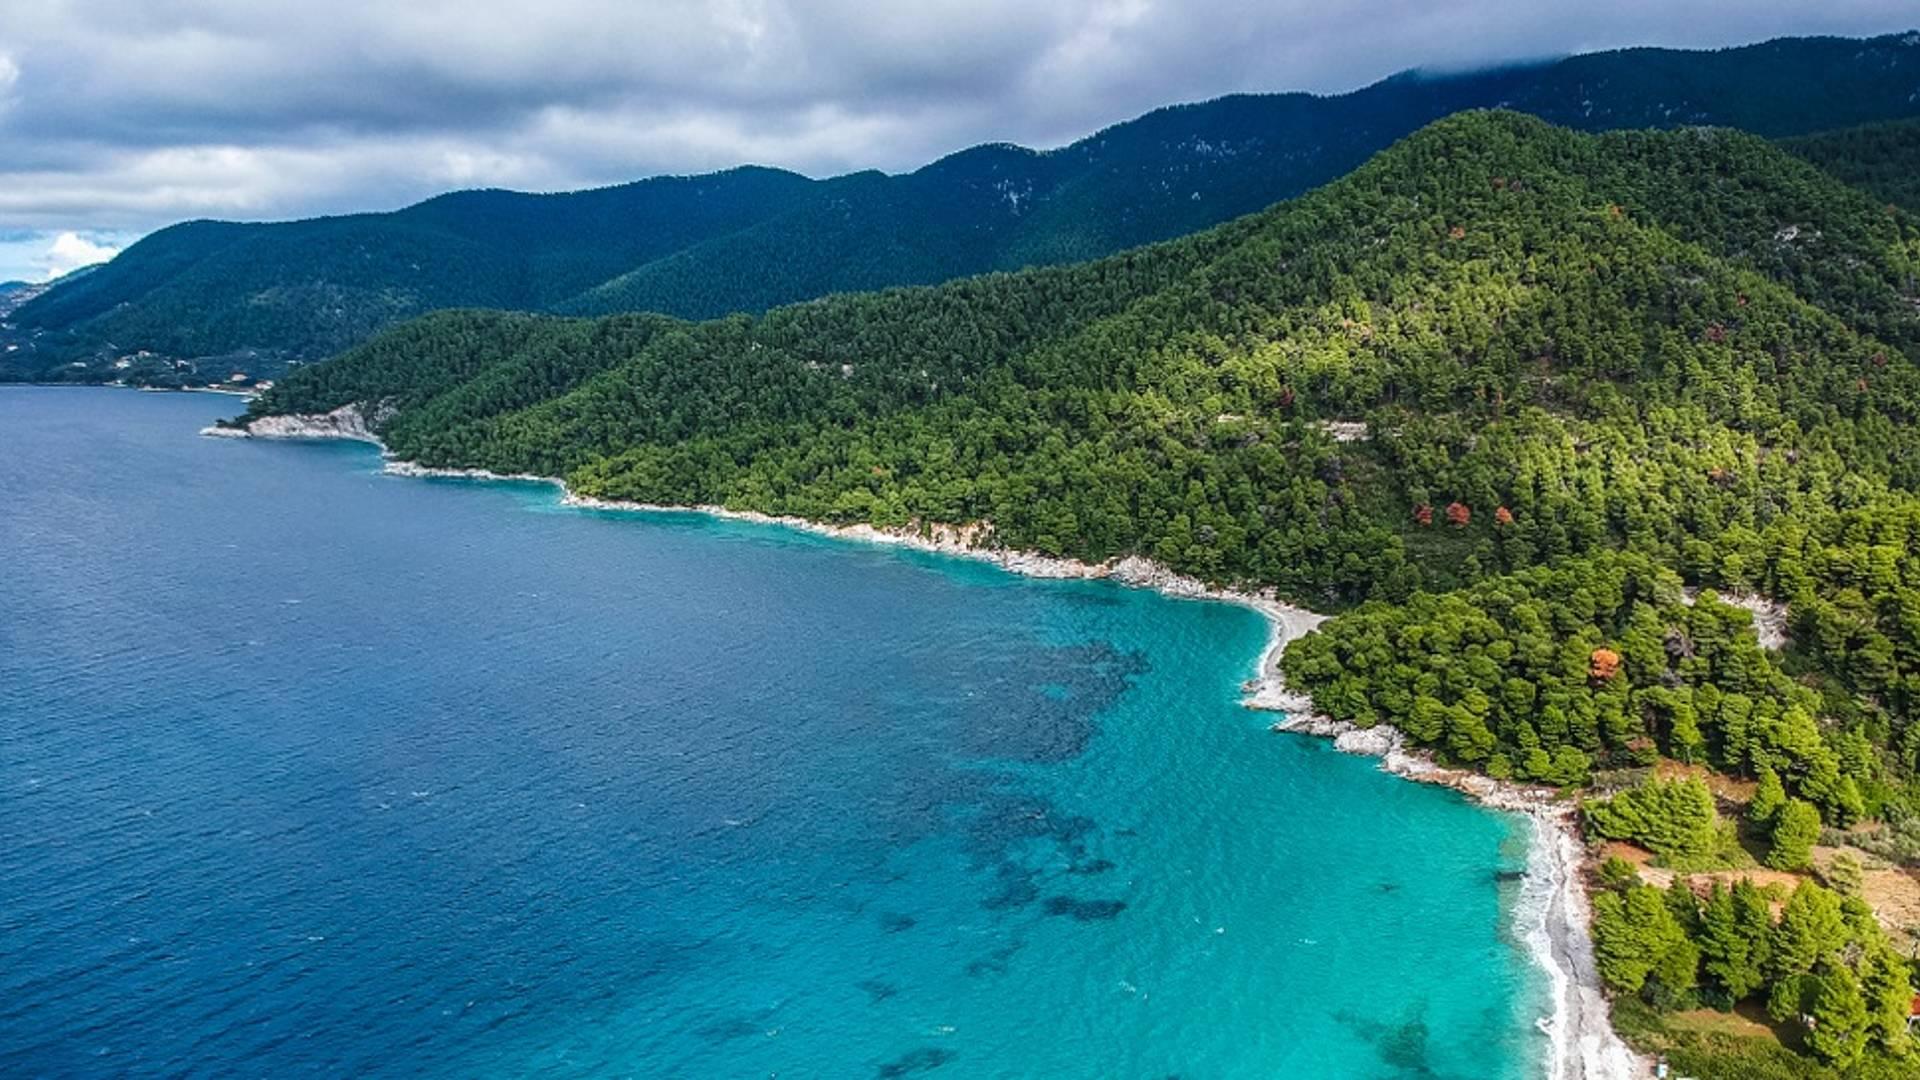 Voyage nomade au gré des îles Sporades